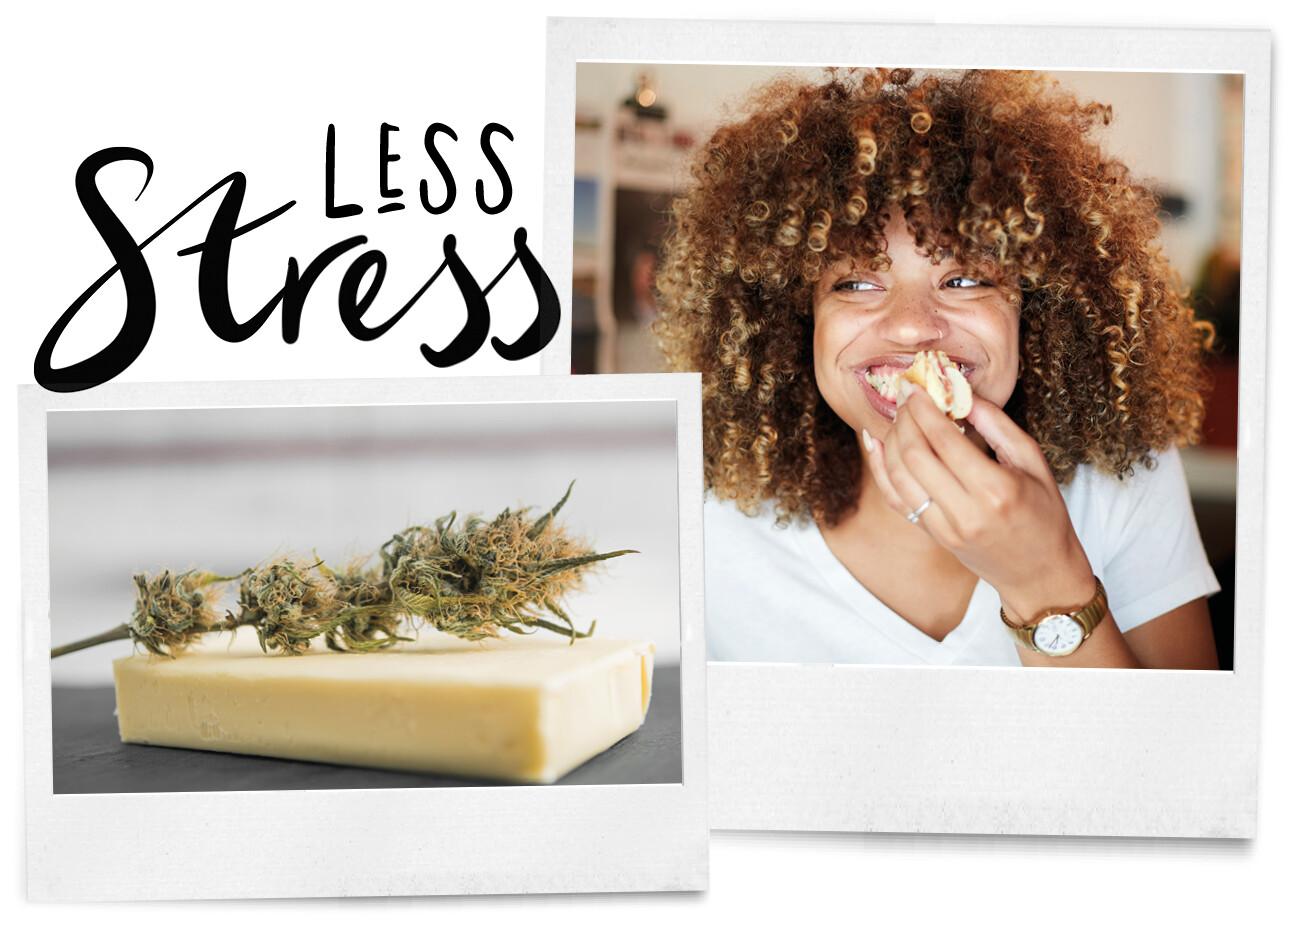 Wietboter op je boterham verminderd stress